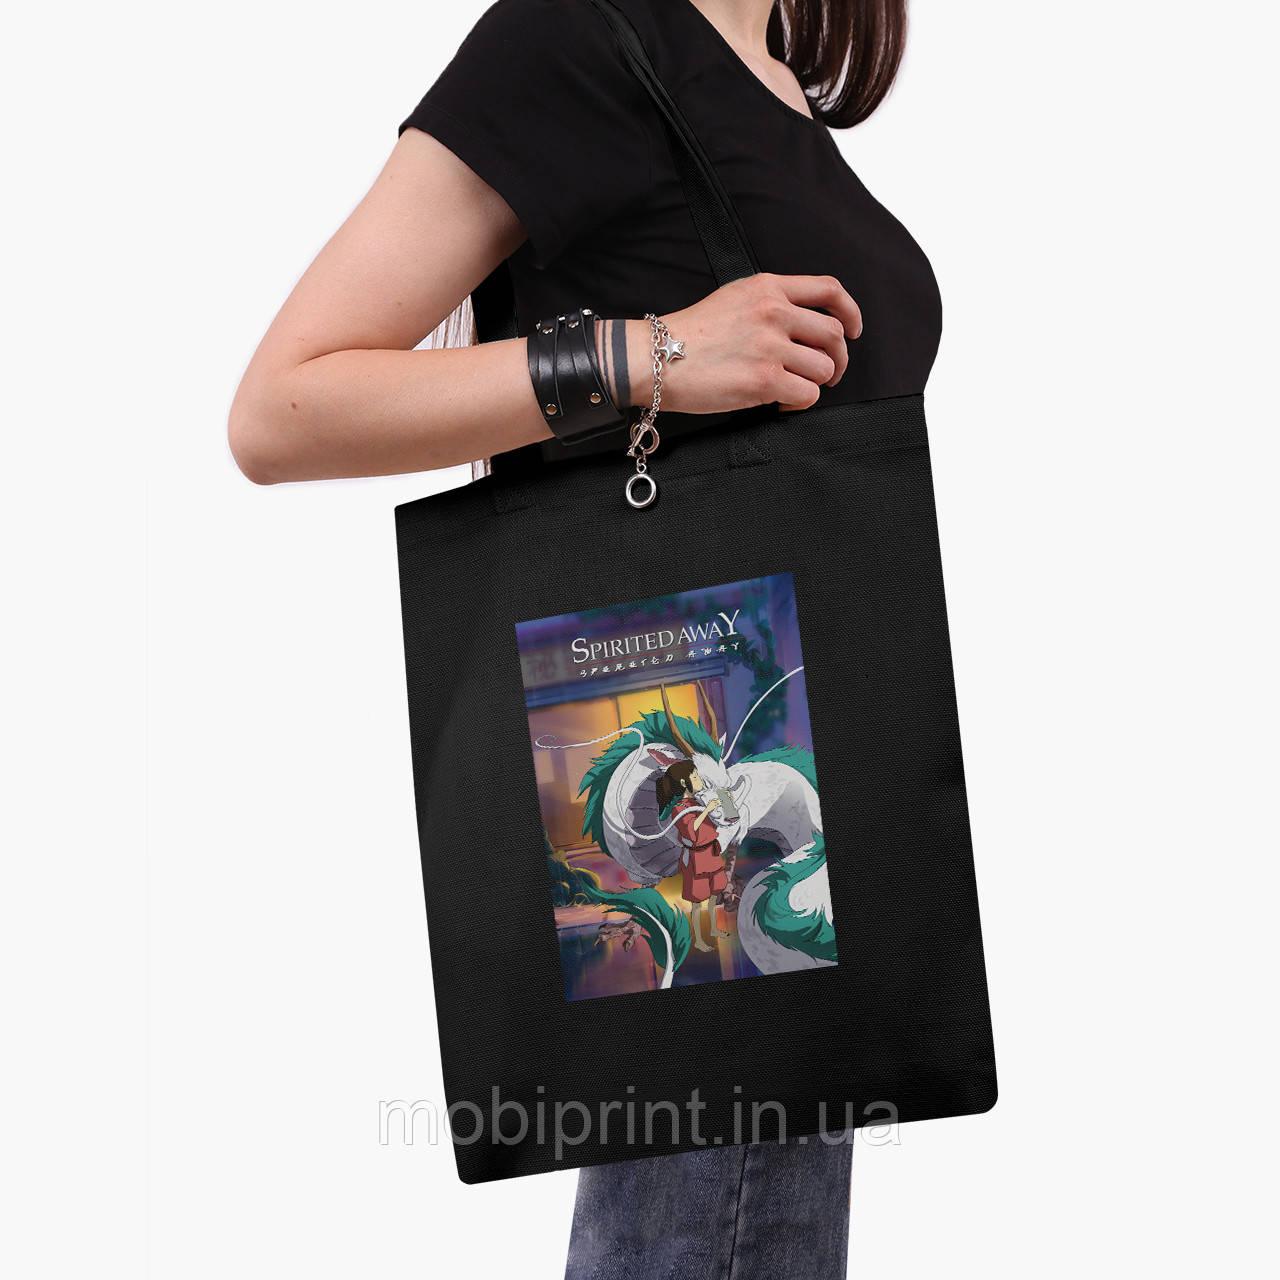 Эко сумка шоппер черная Тихиро Огино Сэн и Хаку Унесённые призраками (Spirited Away) (9227-2829-2)  41*35 см